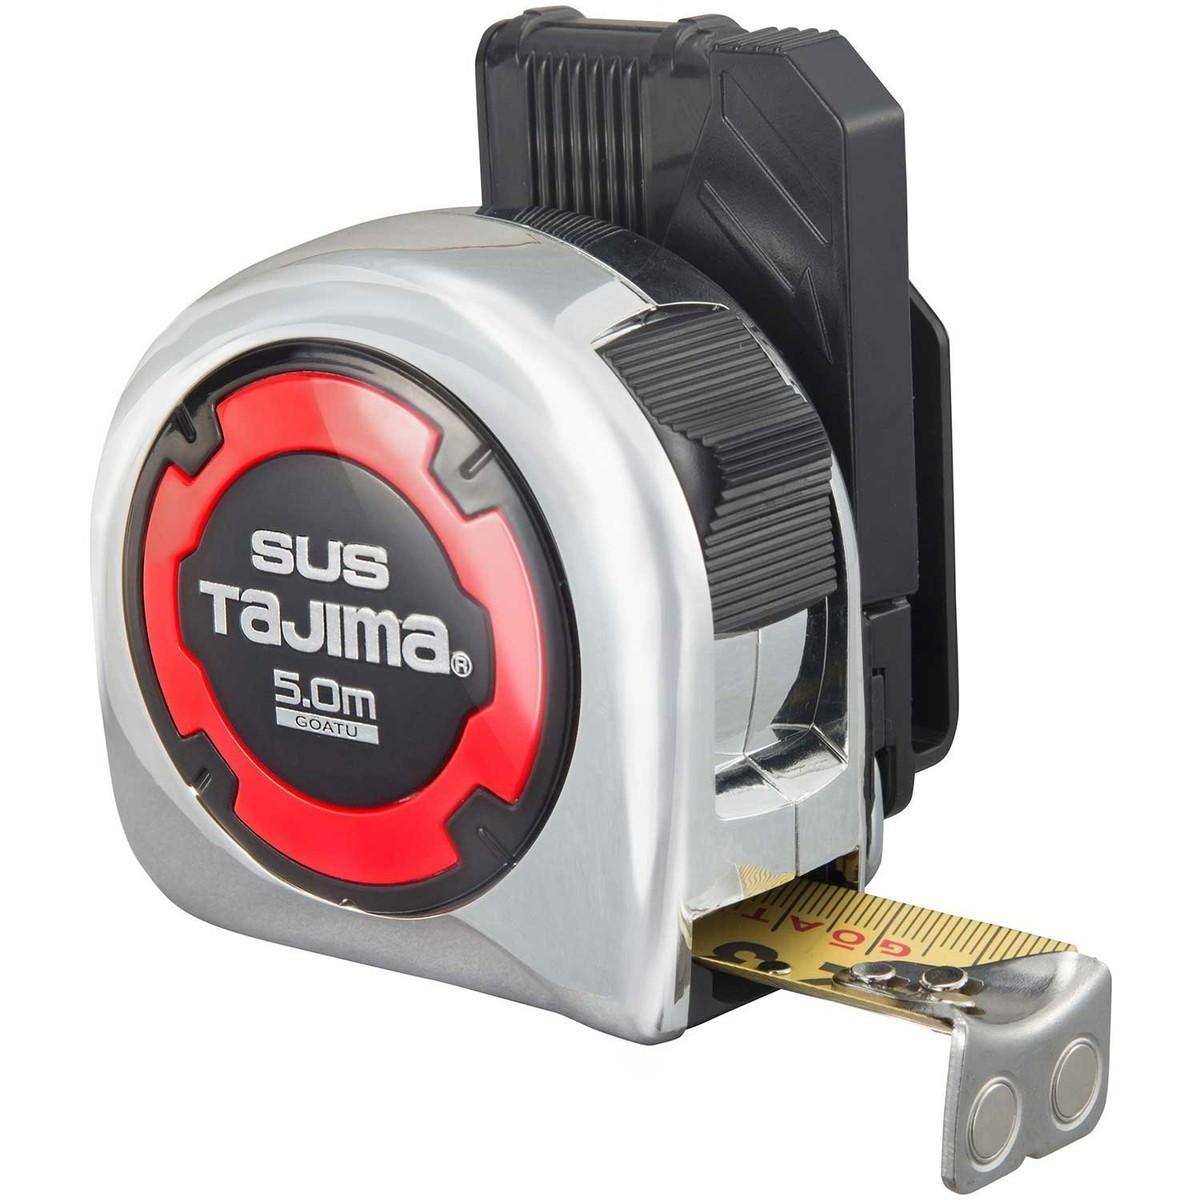 タジマ(Tajima) 剛厚セフステンロックマグ25 5.0m 25mm幅 メートル目盛 GASFSLM25-50【クーポン配布中】